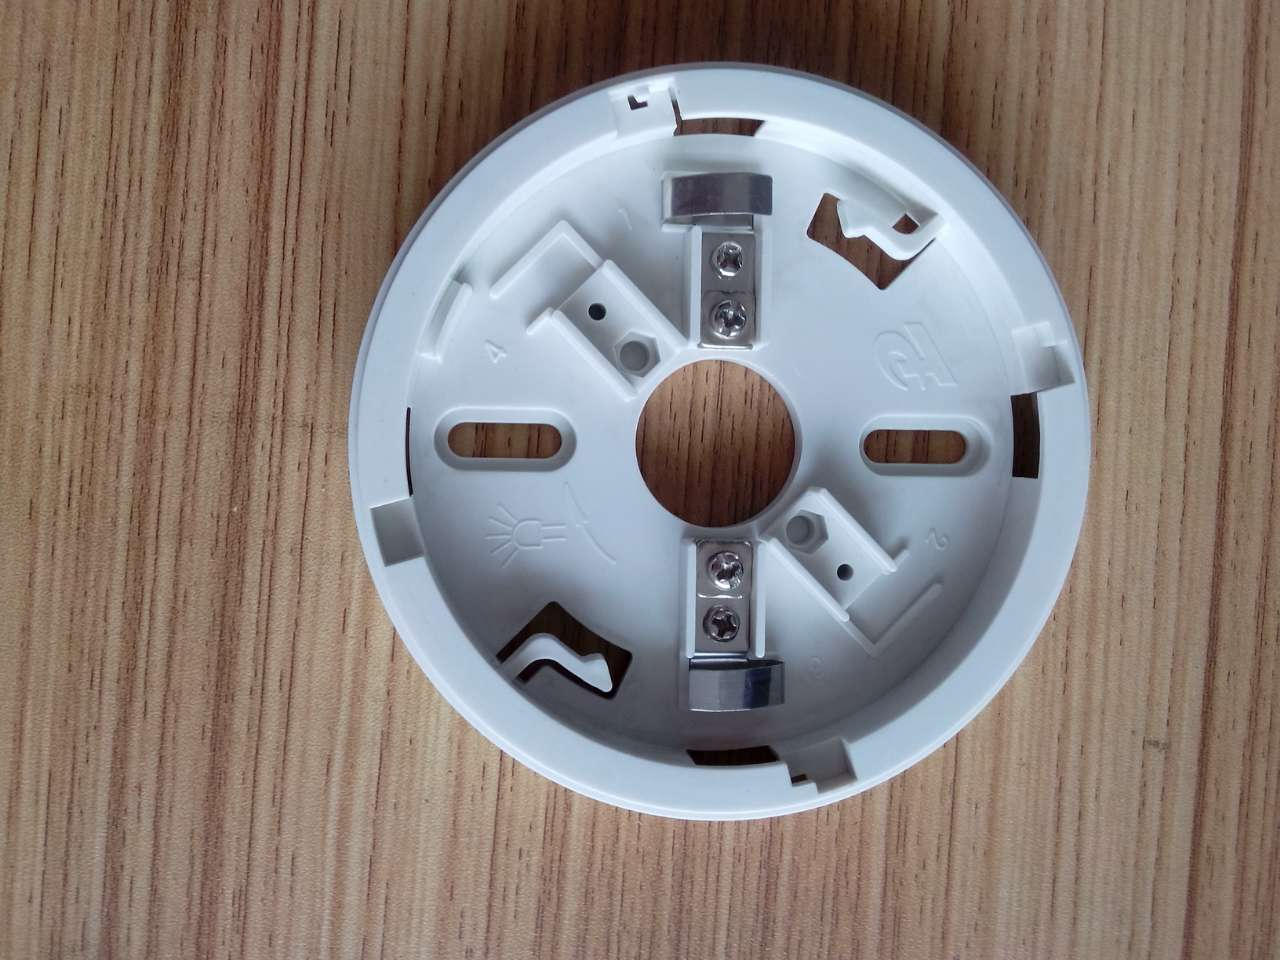 天成TC5102点型光电感温探测消防联网烟感器探头